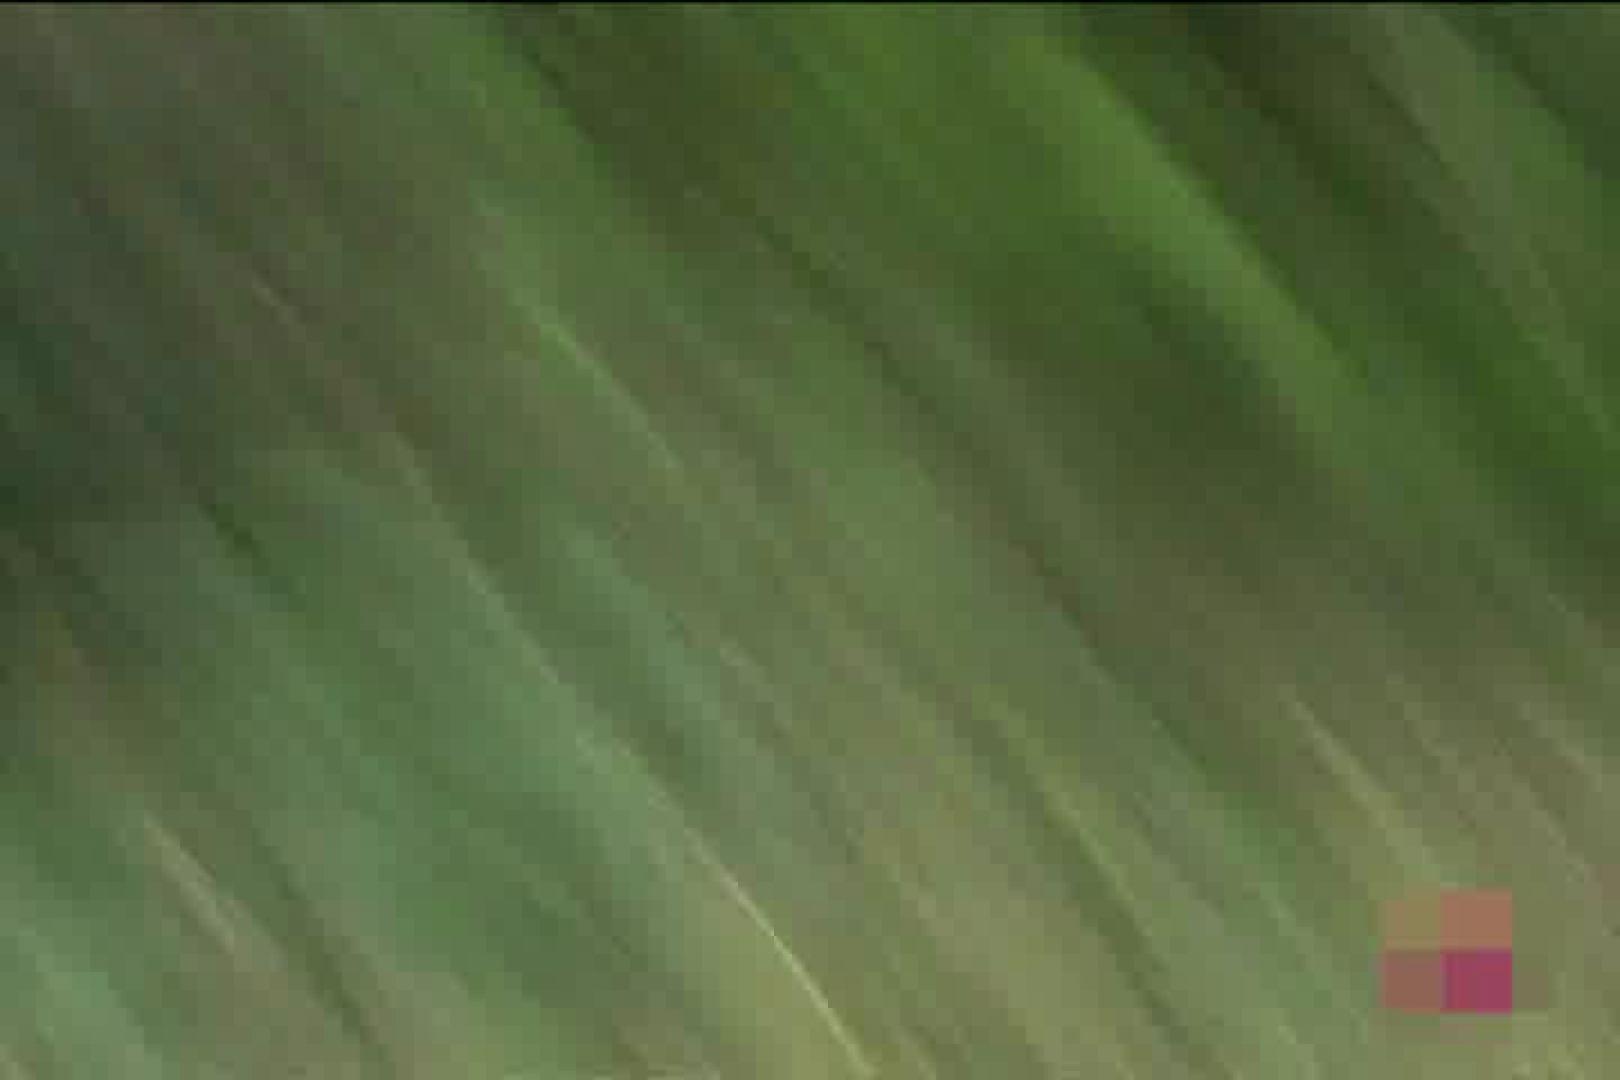 検証!隠し撮りスカートめくり!!Vol.9 お姉さんヌード | OLセックス  70画像 55